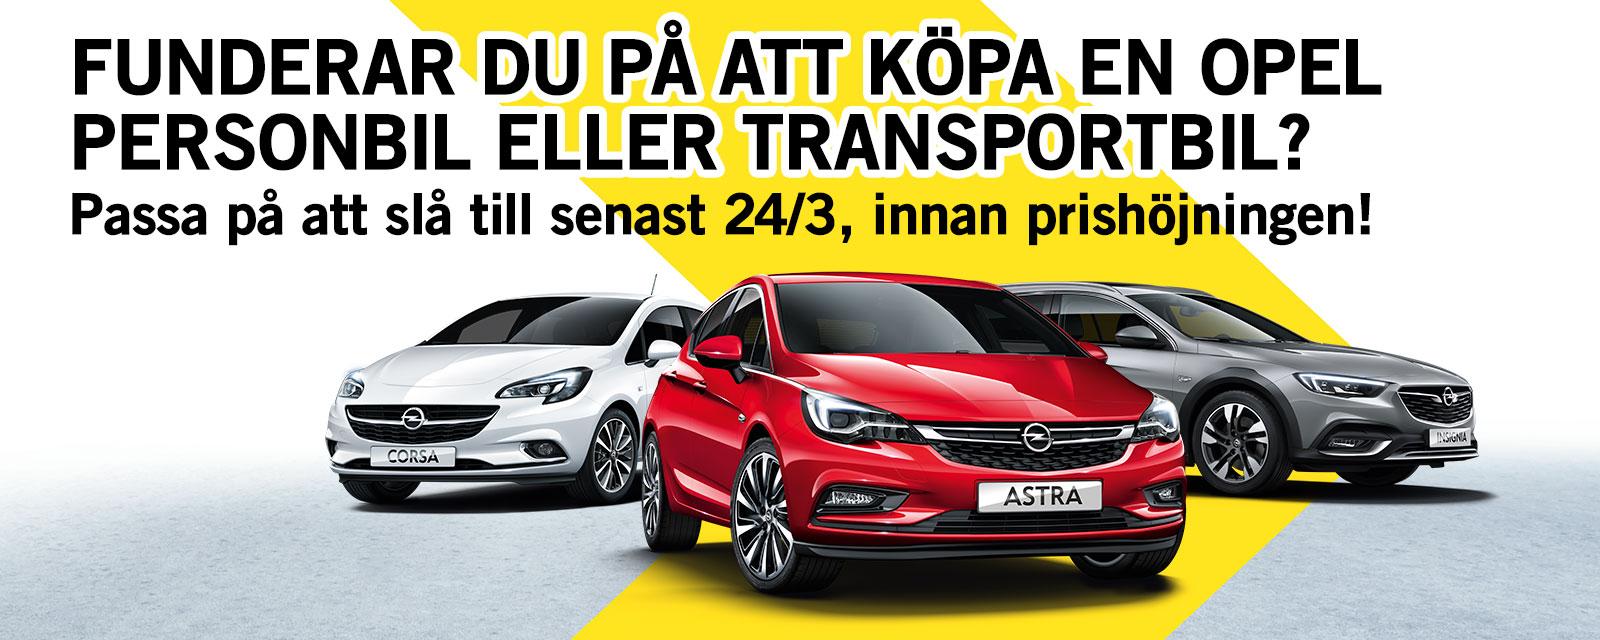 Fribrocks Bil AB - Opel prishöjning